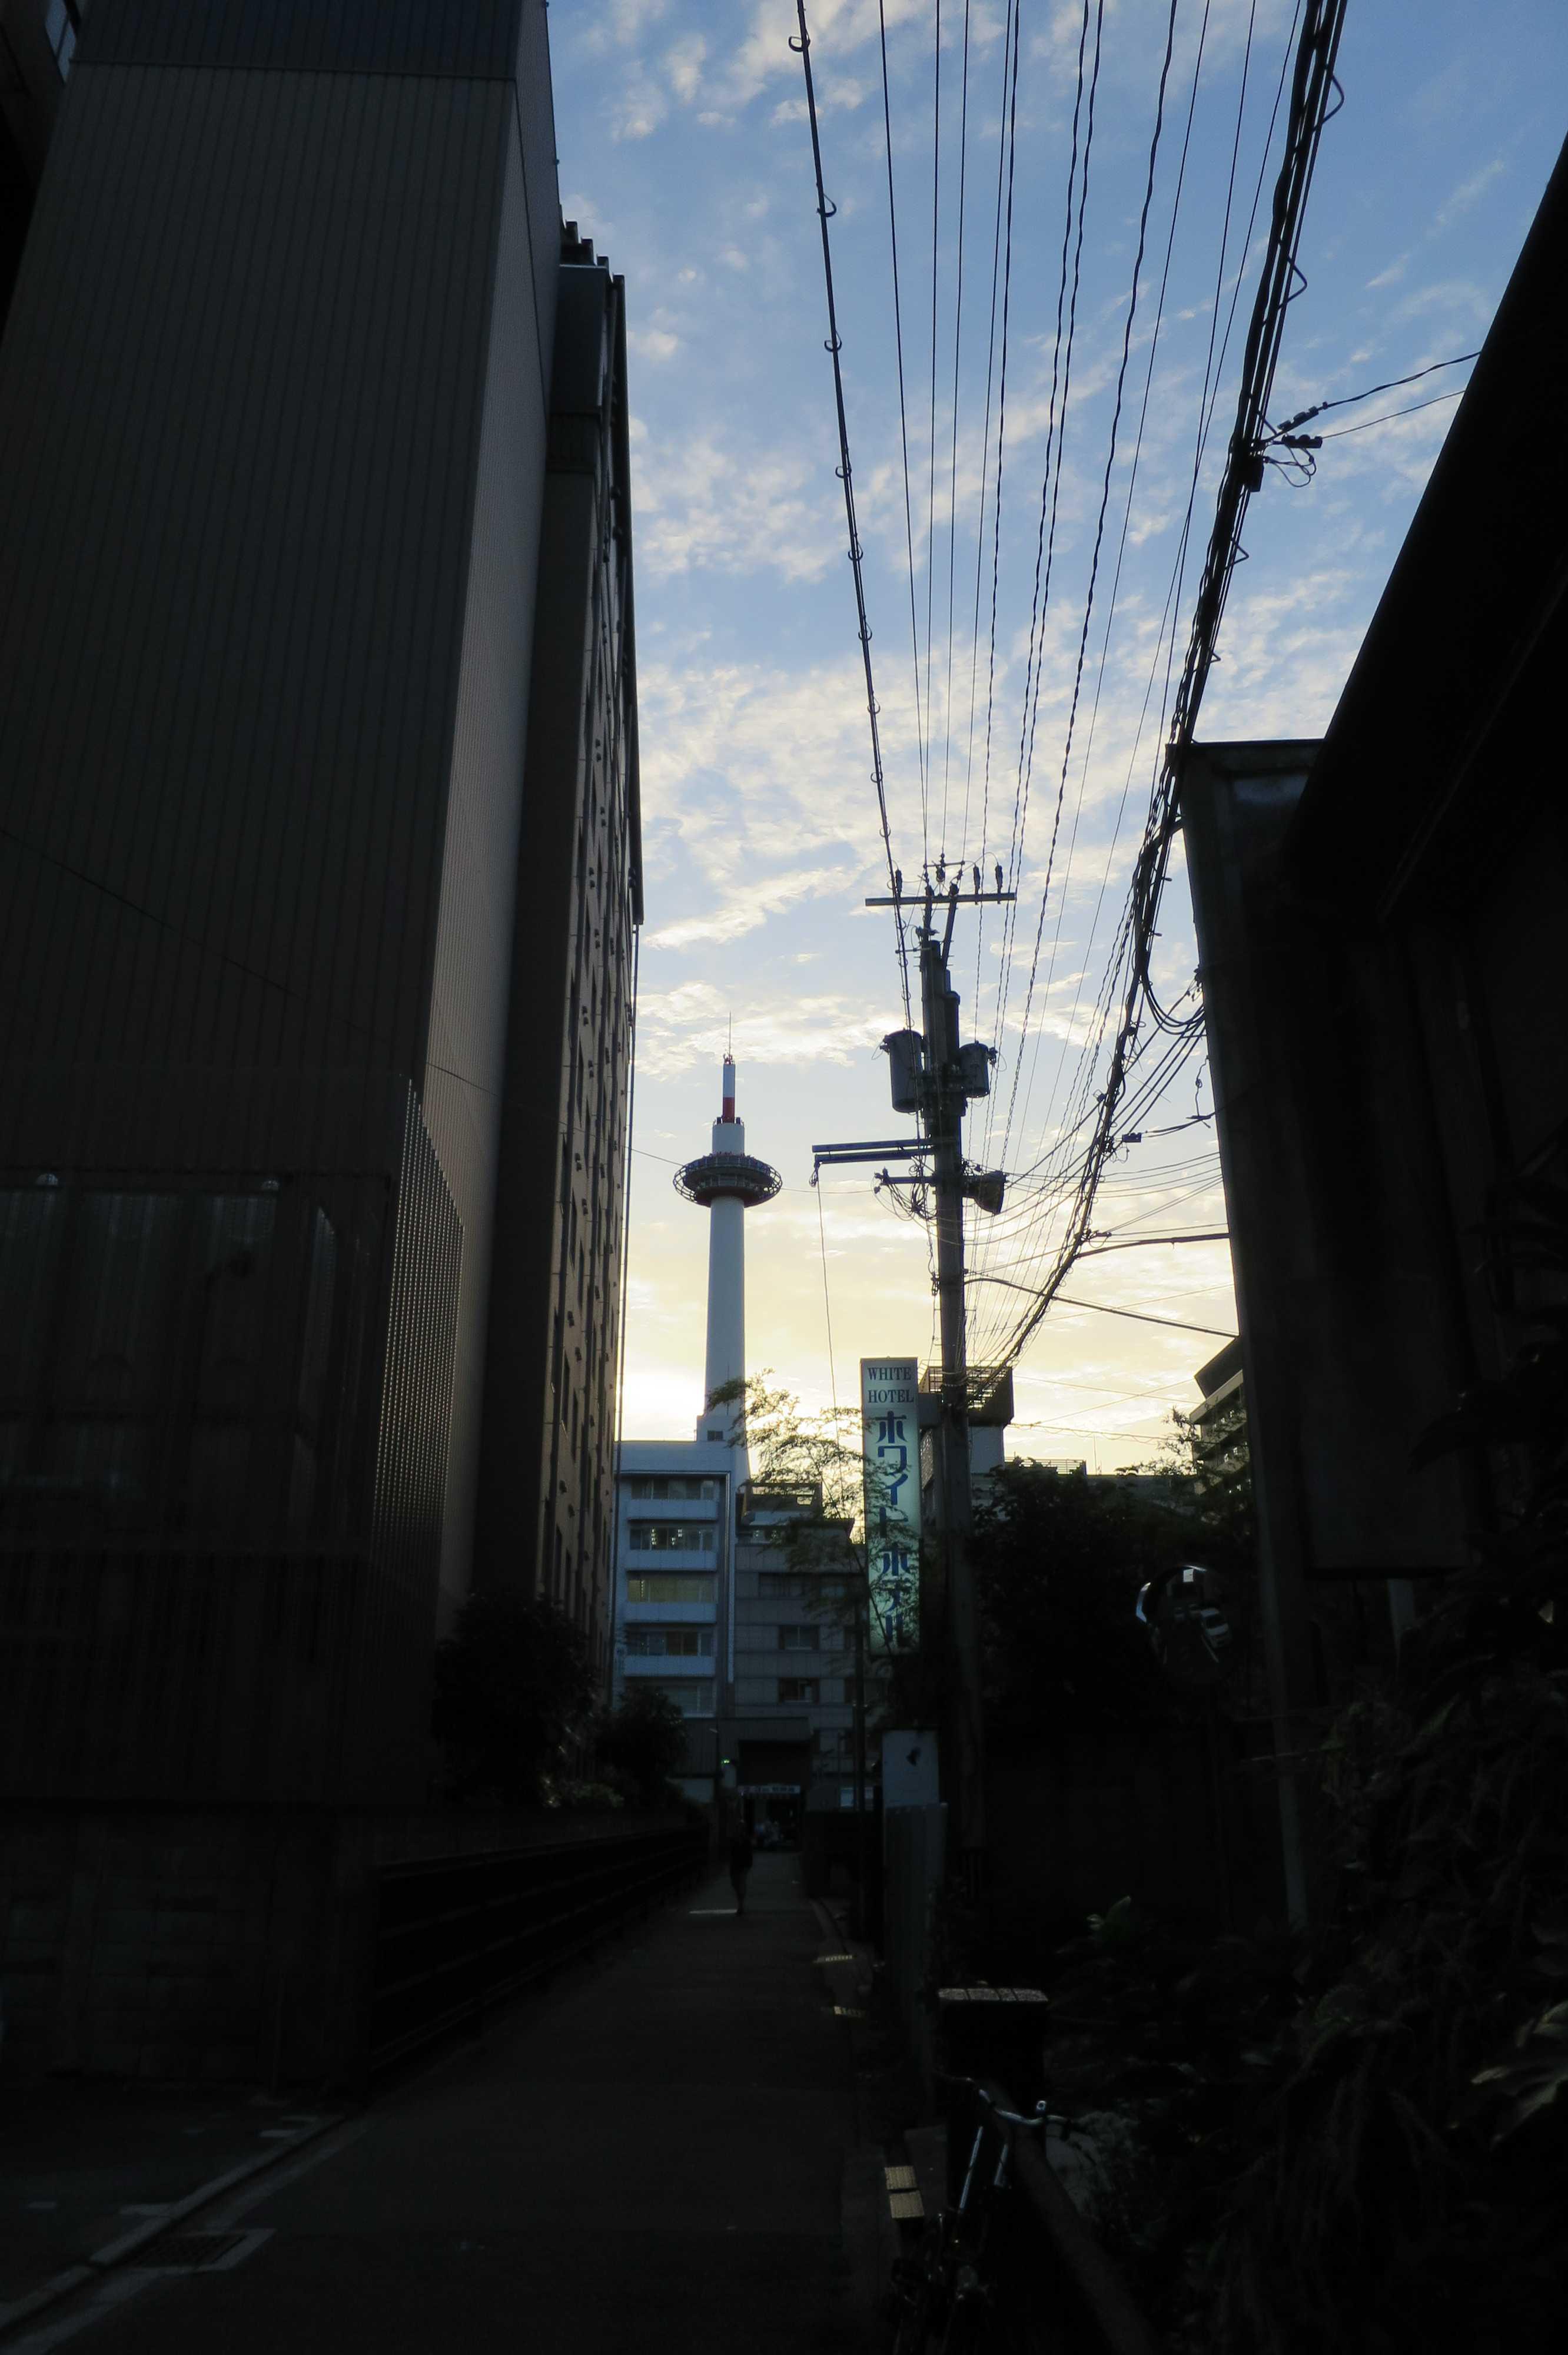 京都 - ビルの谷間から見えた京都タワー